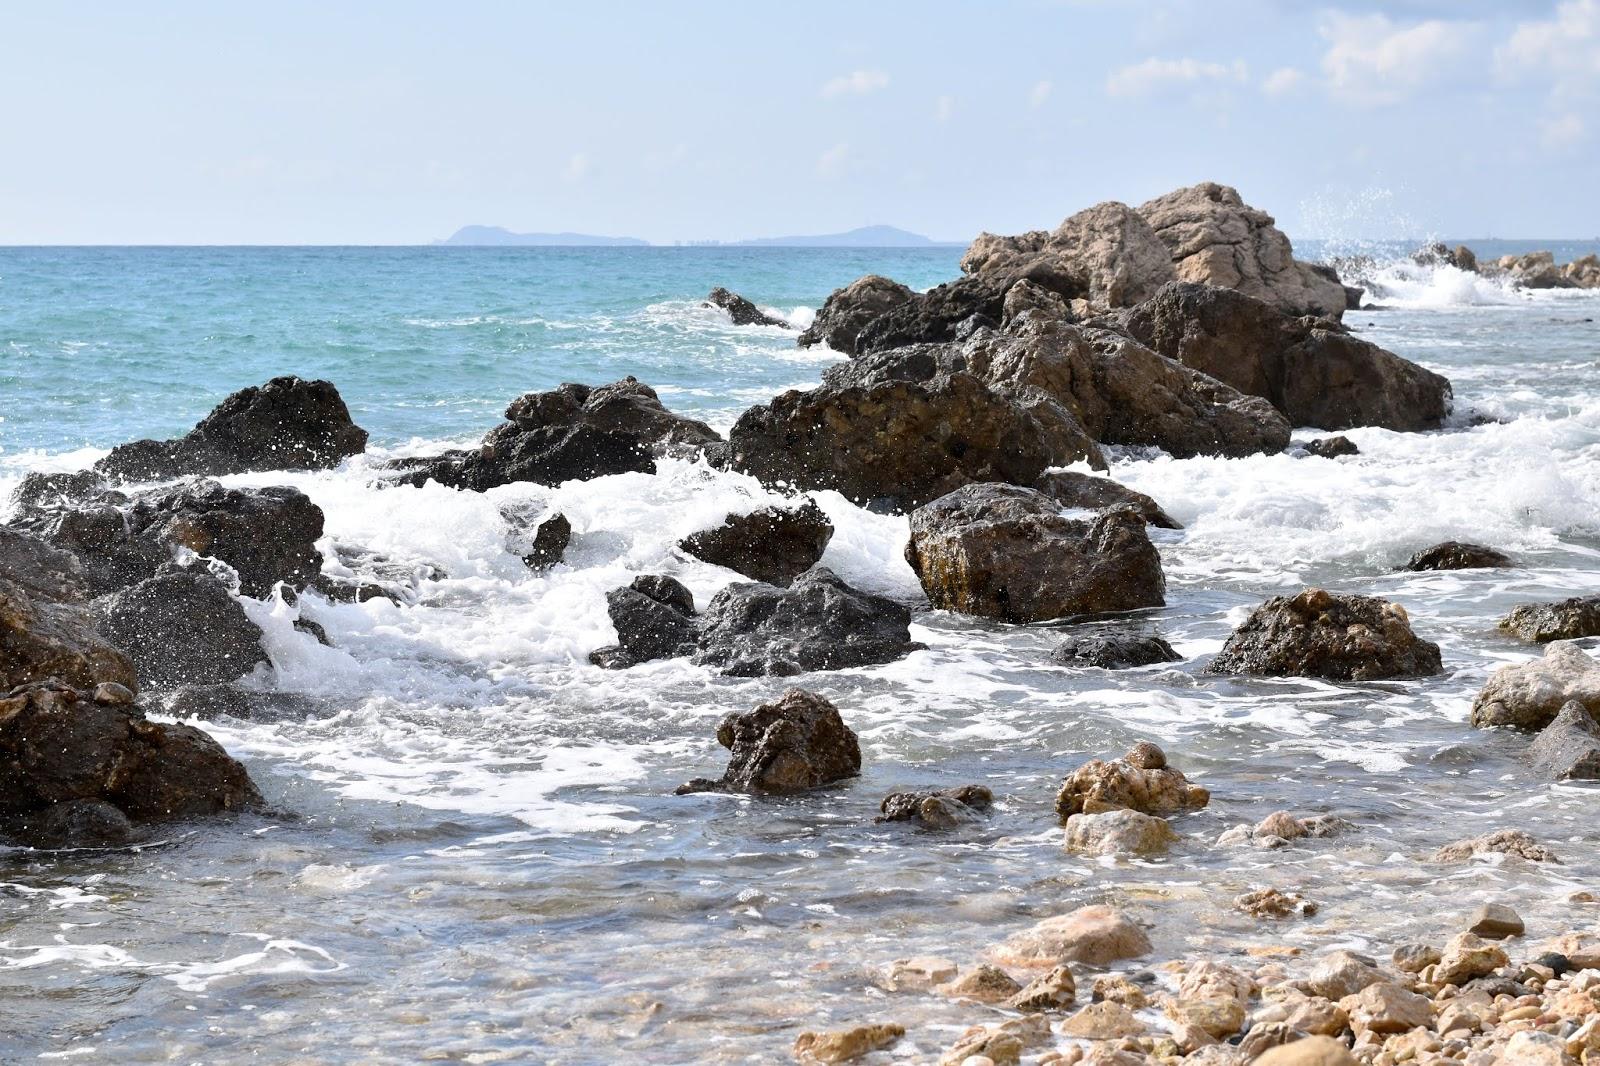 wlora co zobaczyc, wlora 2018, albania 2018, albania plaze